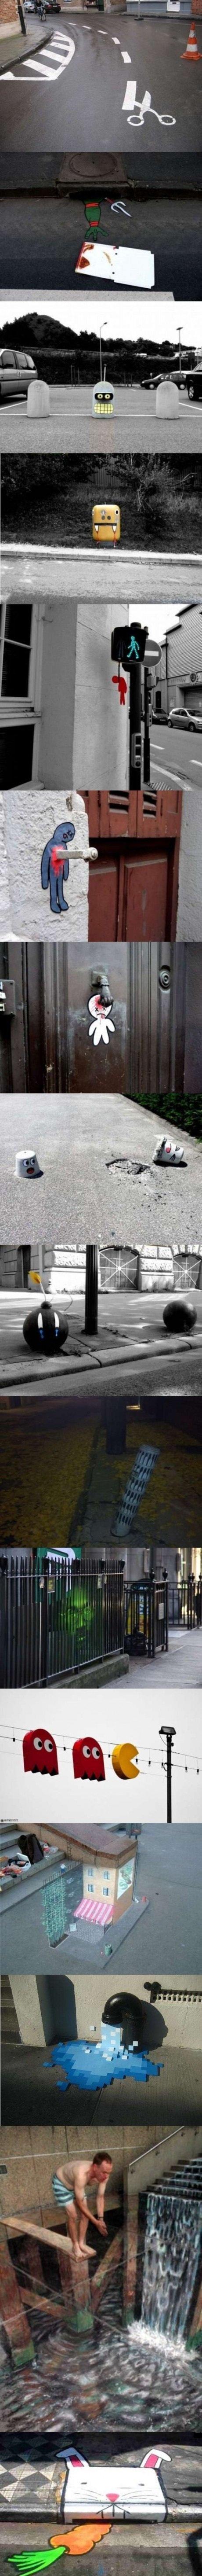 Street Art = Mind Blow. cool street art. yvv Cryd. REPPOOSSSSSSSTTTTT